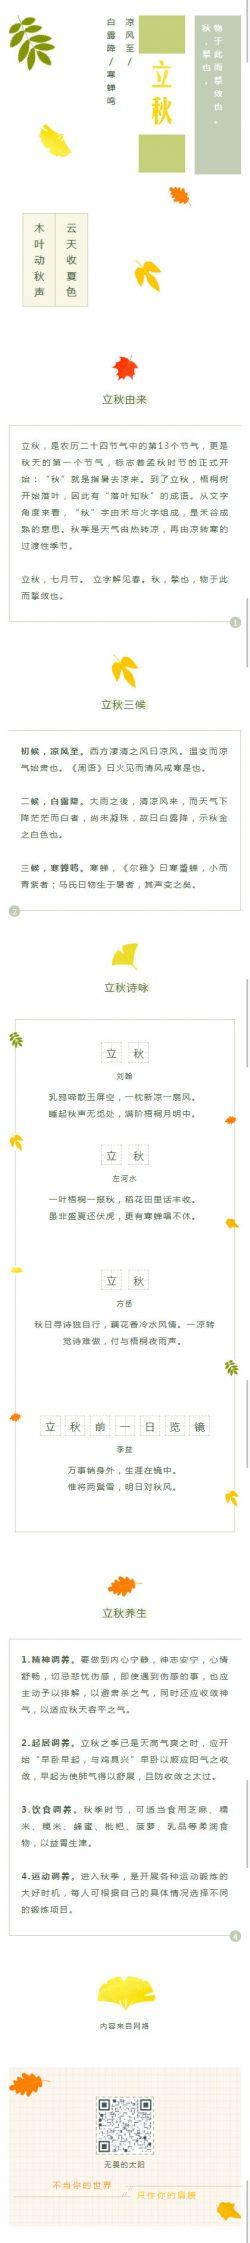 农历二十四节气立秋中国风文章模板图文素材